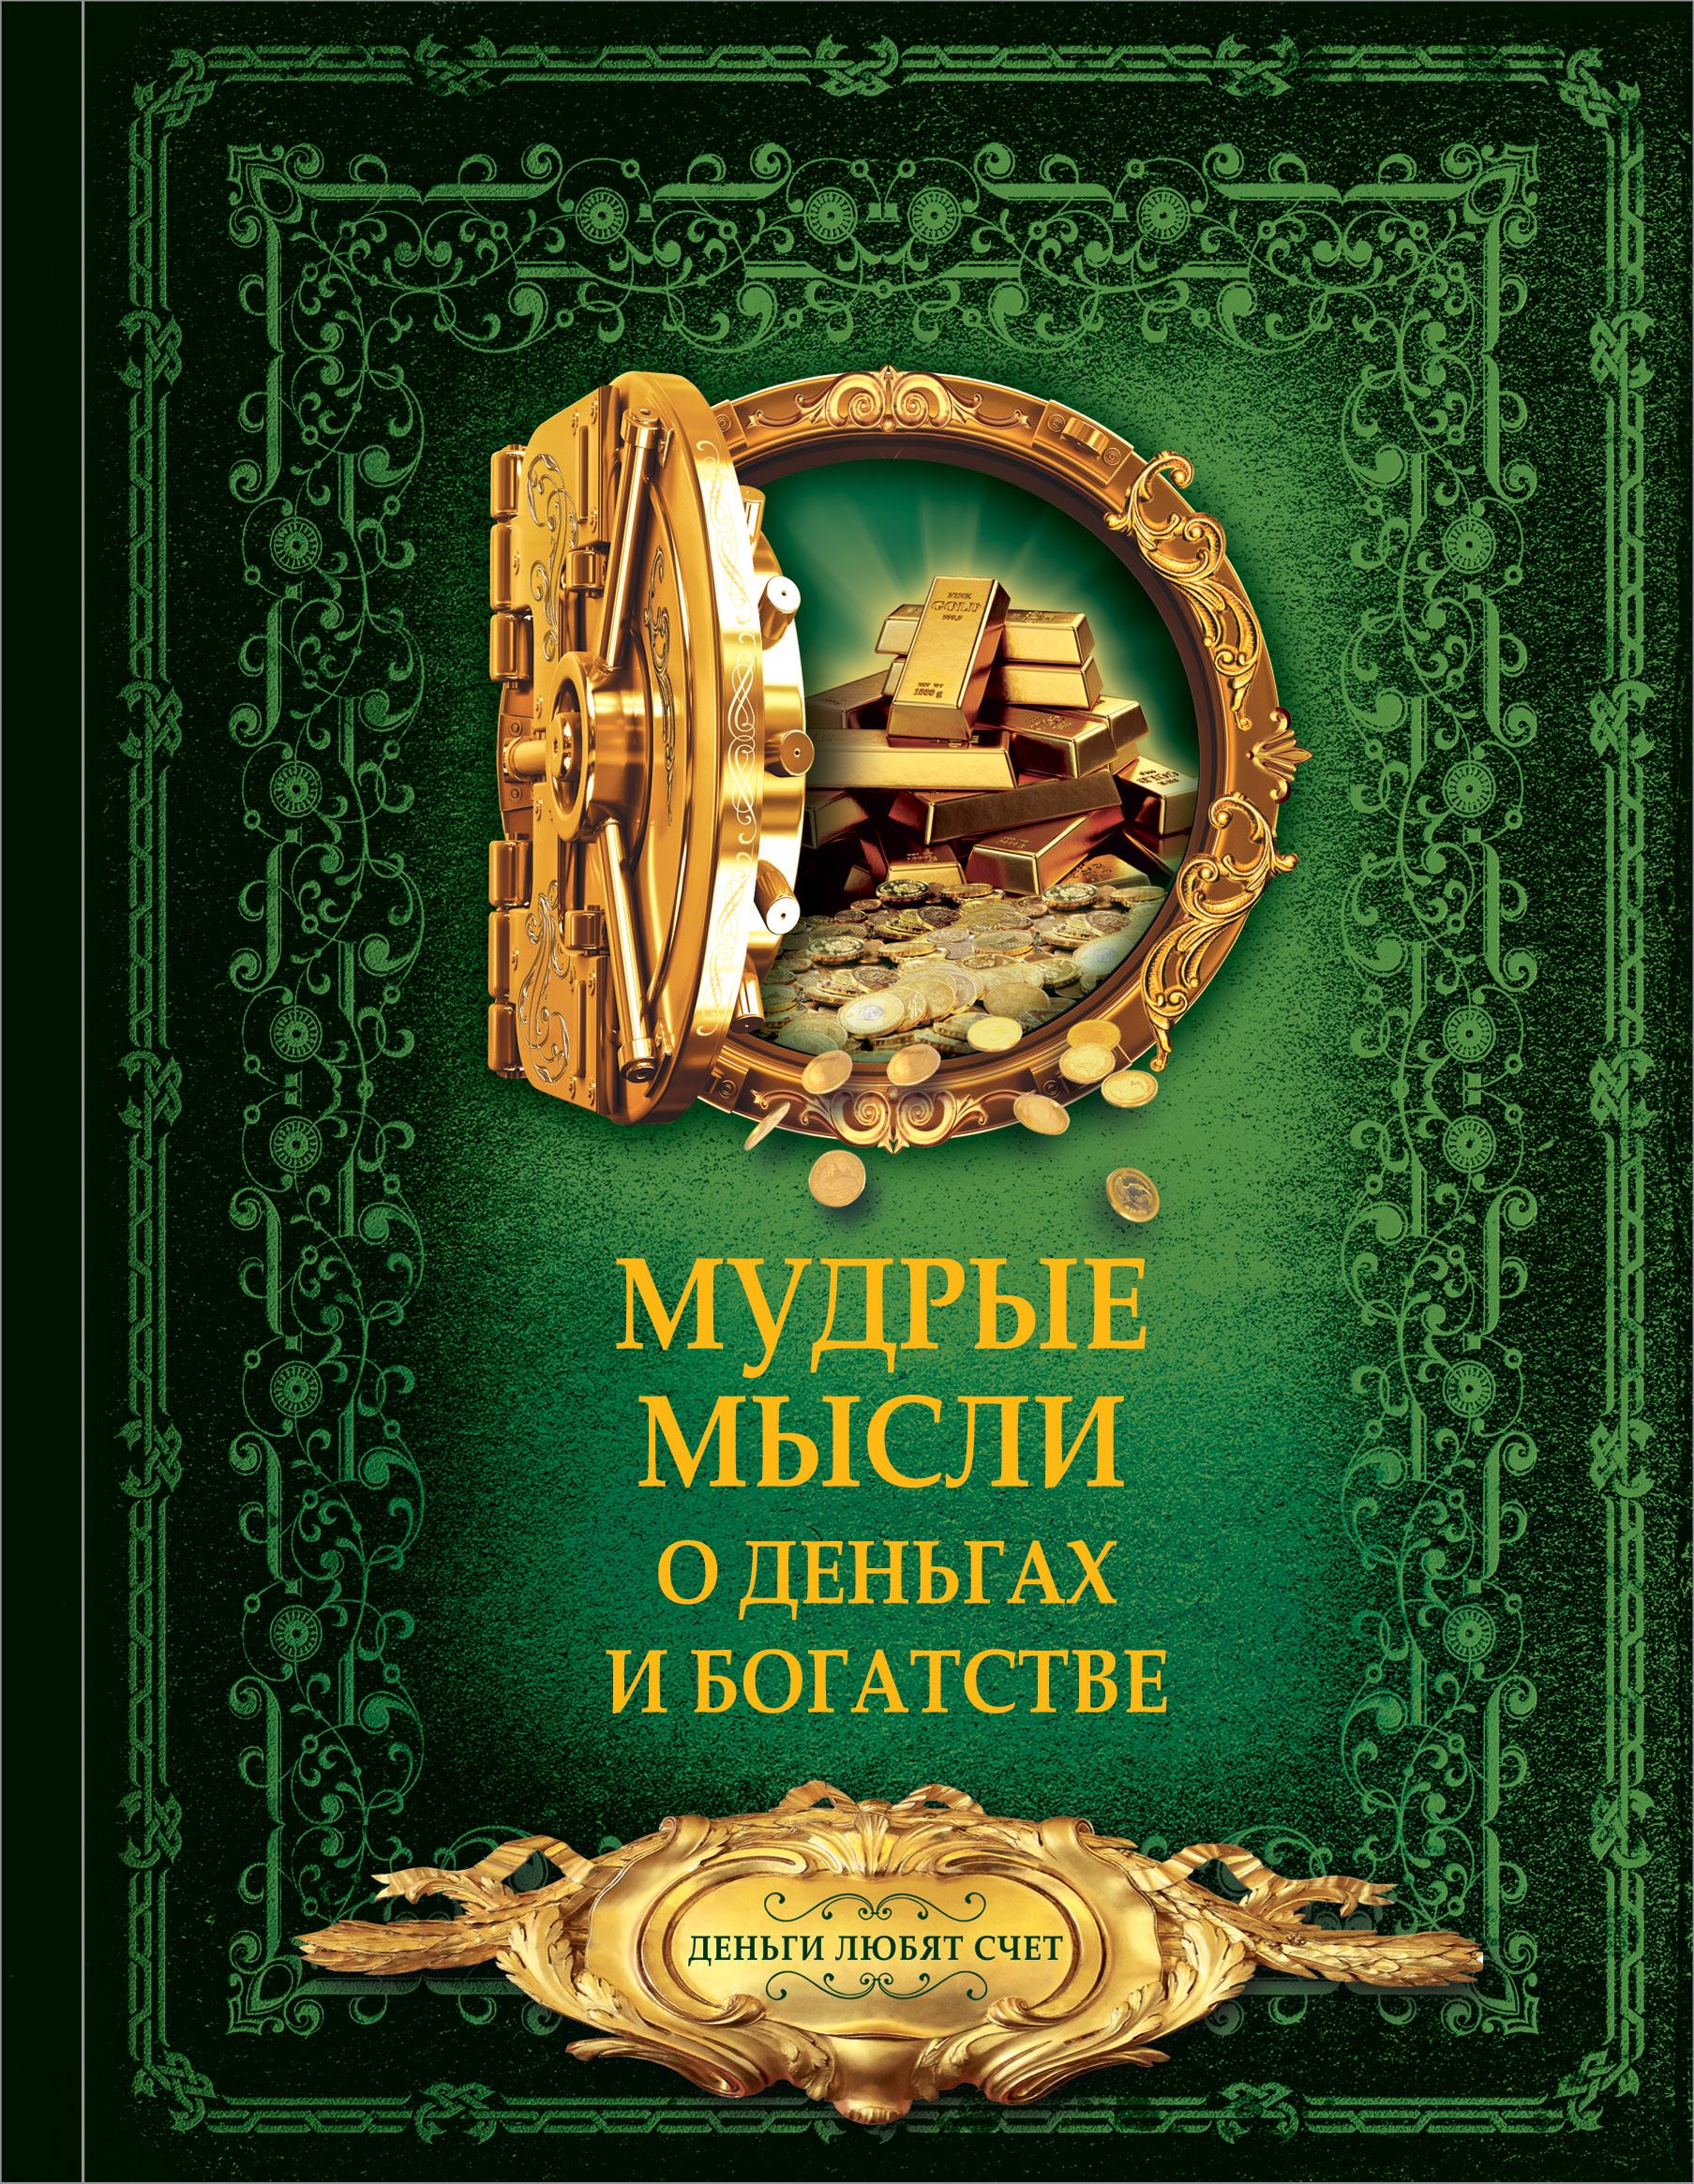 Волковский Д.Н. Мудрые мысли о деньгах и богатстве отсутствует мудрые мысли о деньгах и богатстве